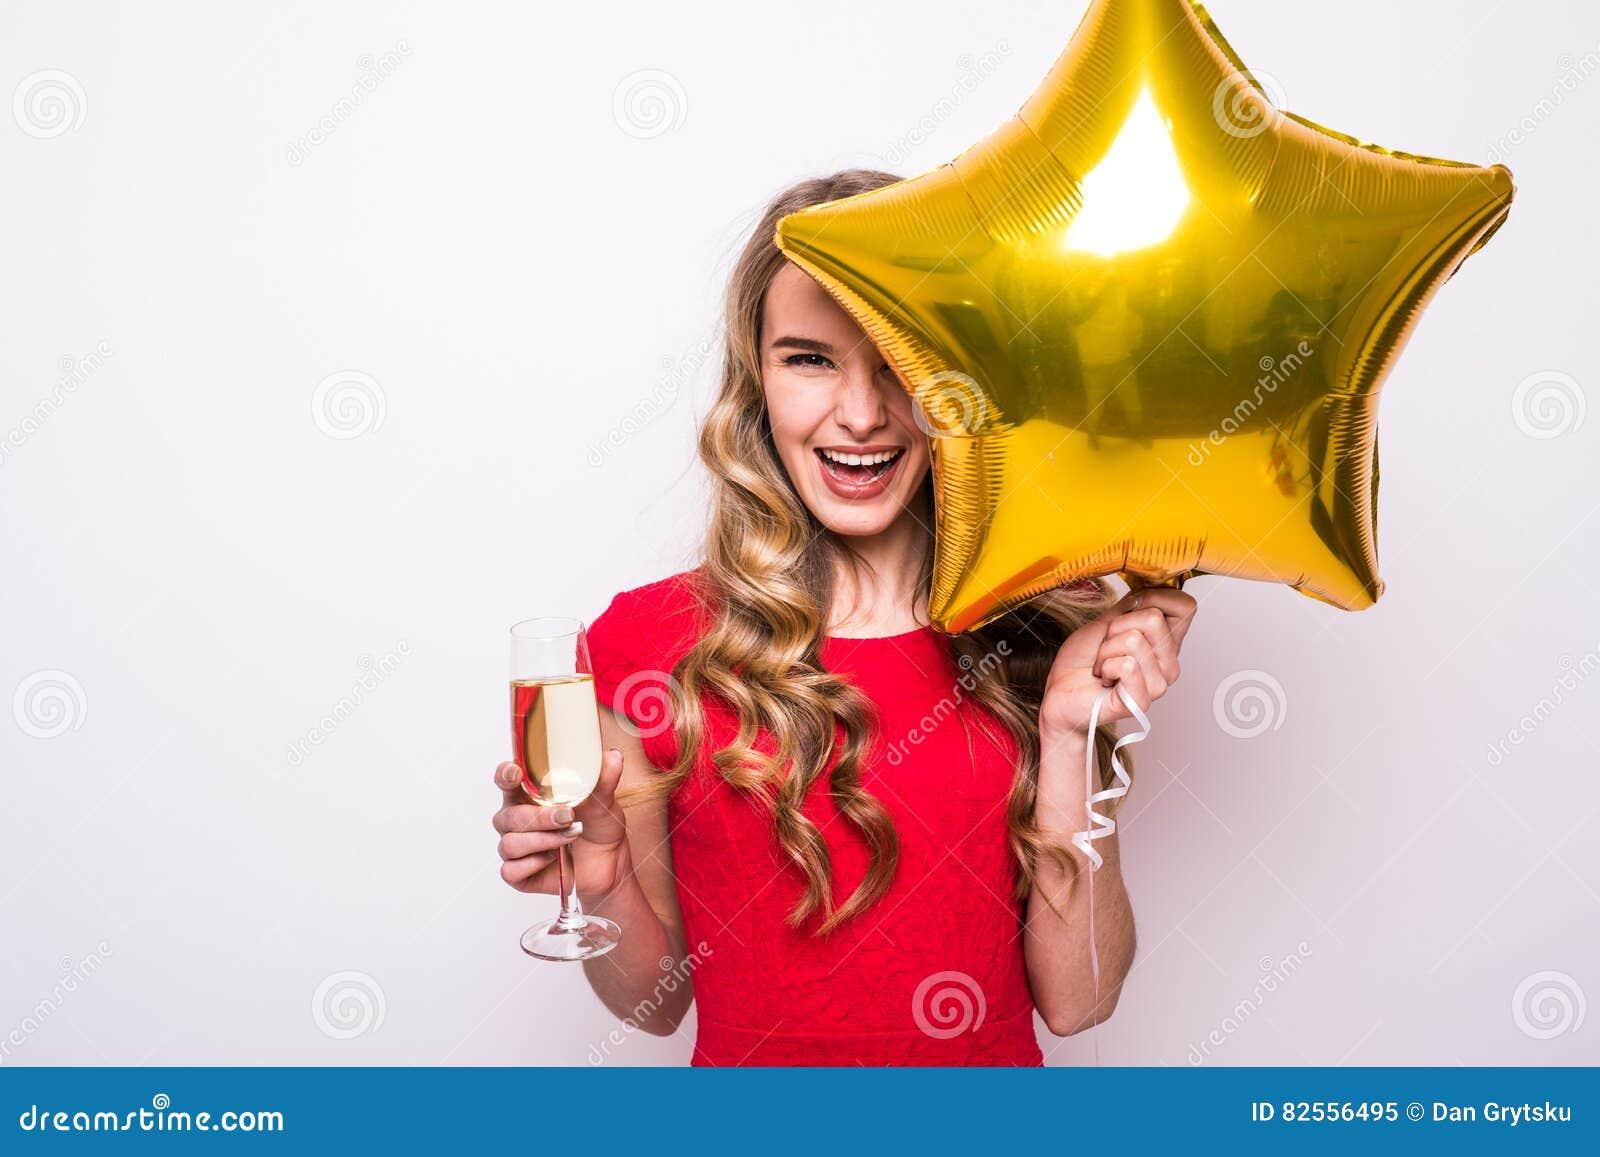 Frau im roten Kleid mit lächelndem und trinkendem Champagner des Goldsternförmigem Ballons